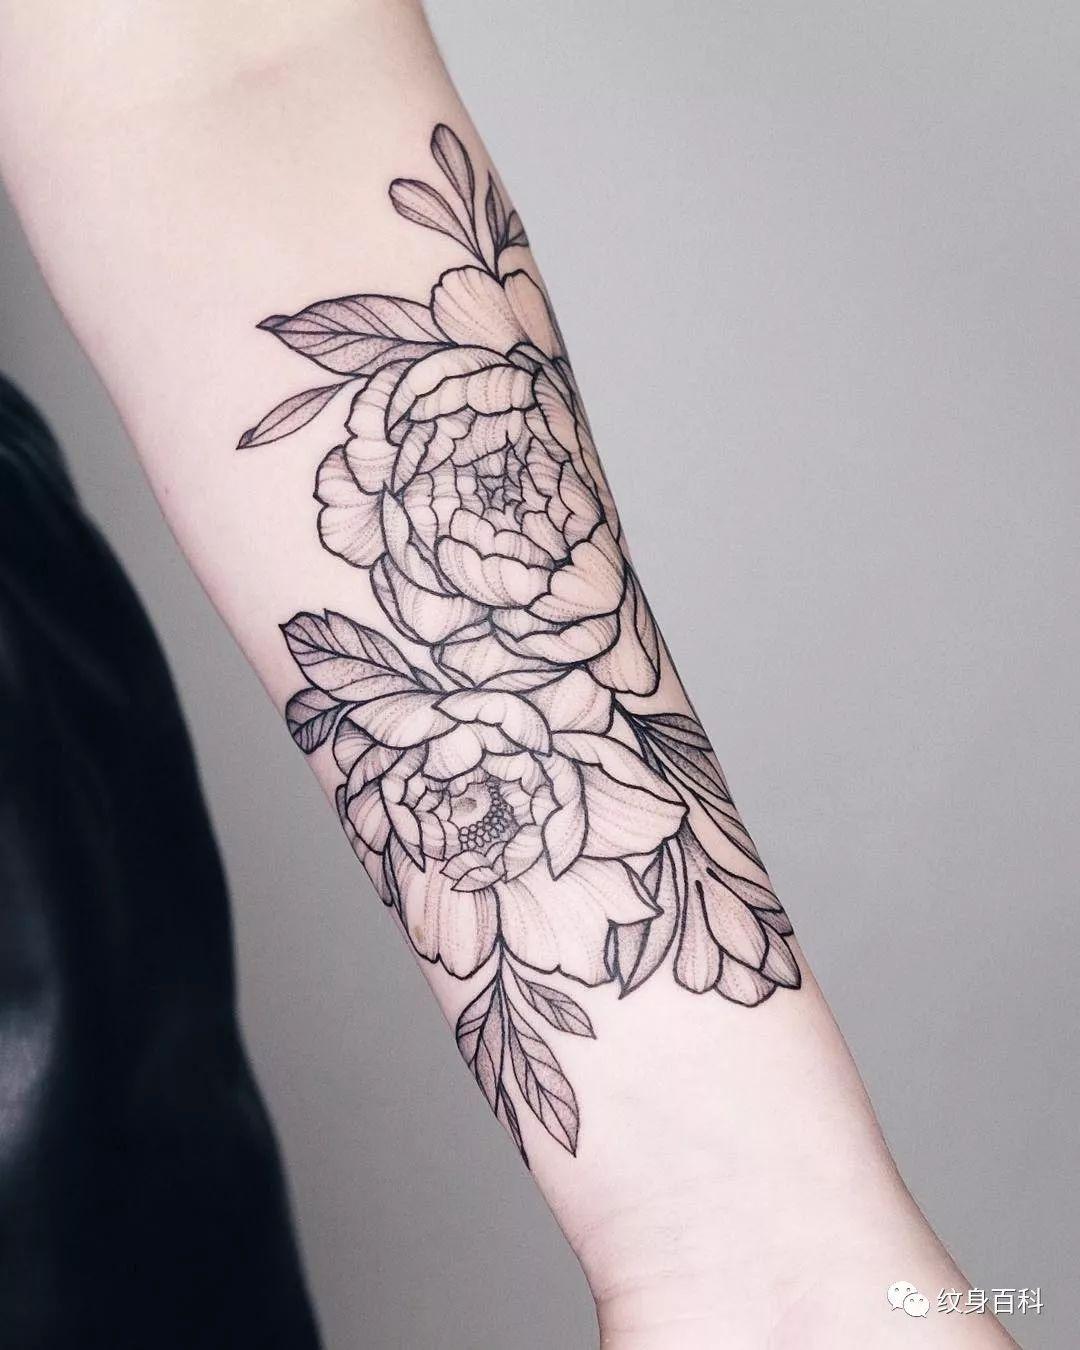 轻松搞定,素花纹身的新花样,花臂纹身图案_通隆游戏网图片